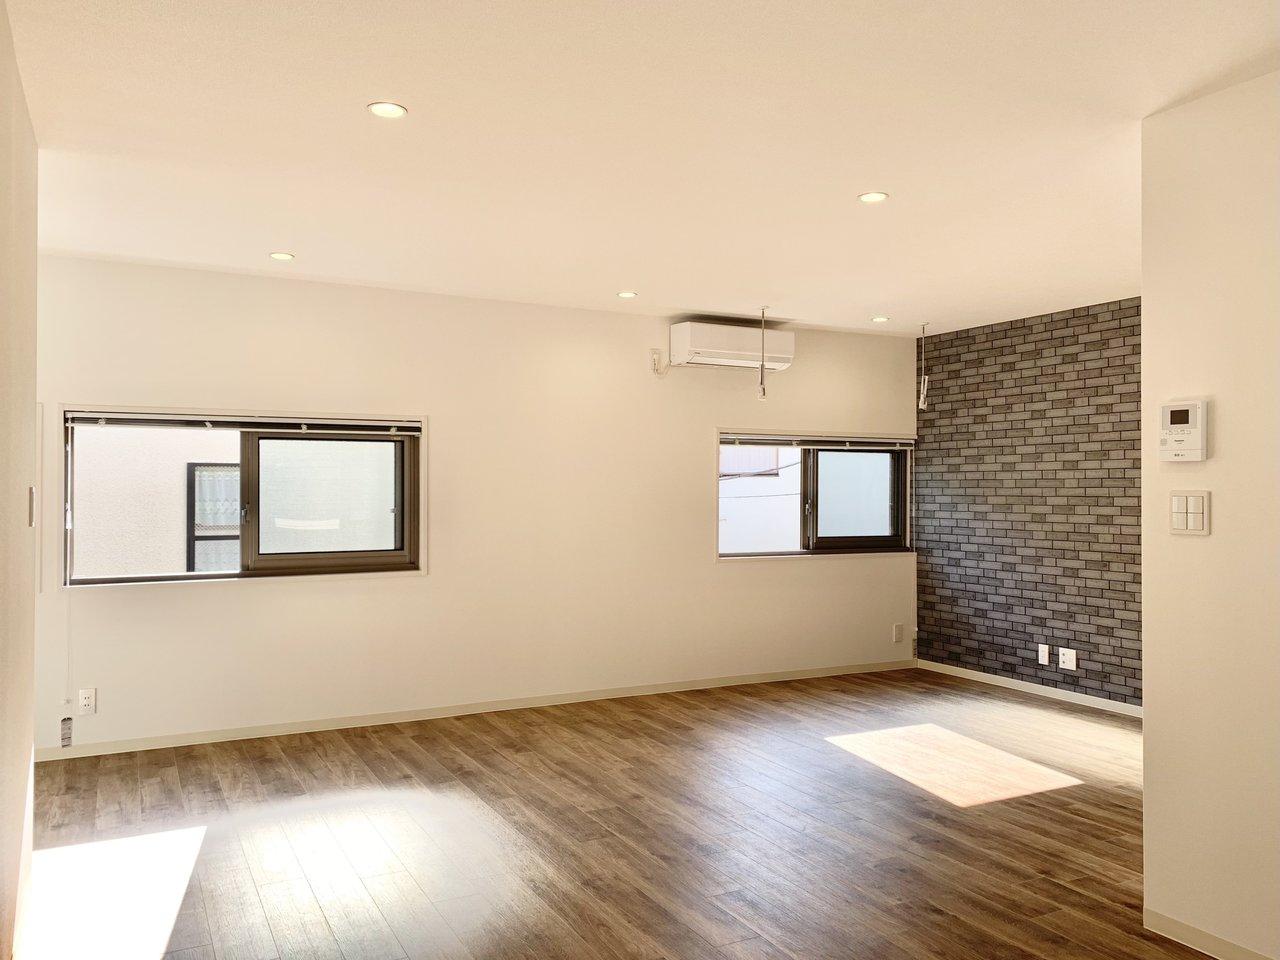 2人でものびのびと過ごせそうな広々空間。小窓の下にテーブルを置いたりと、インテリアも配置しやすいんです。